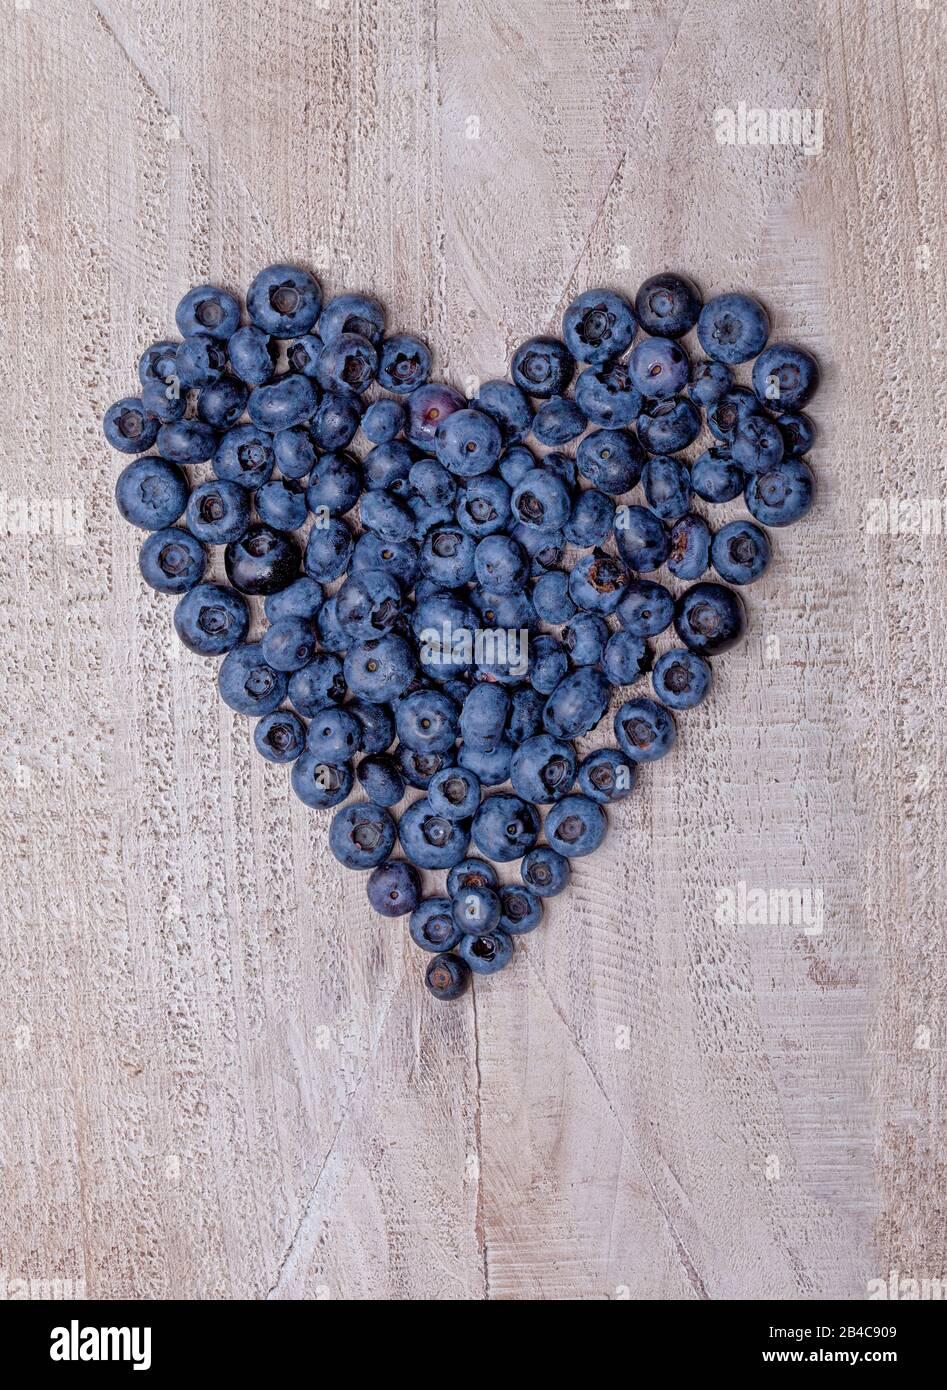 Coeur bleuets façonné sur plaque en bois Banque D'Images